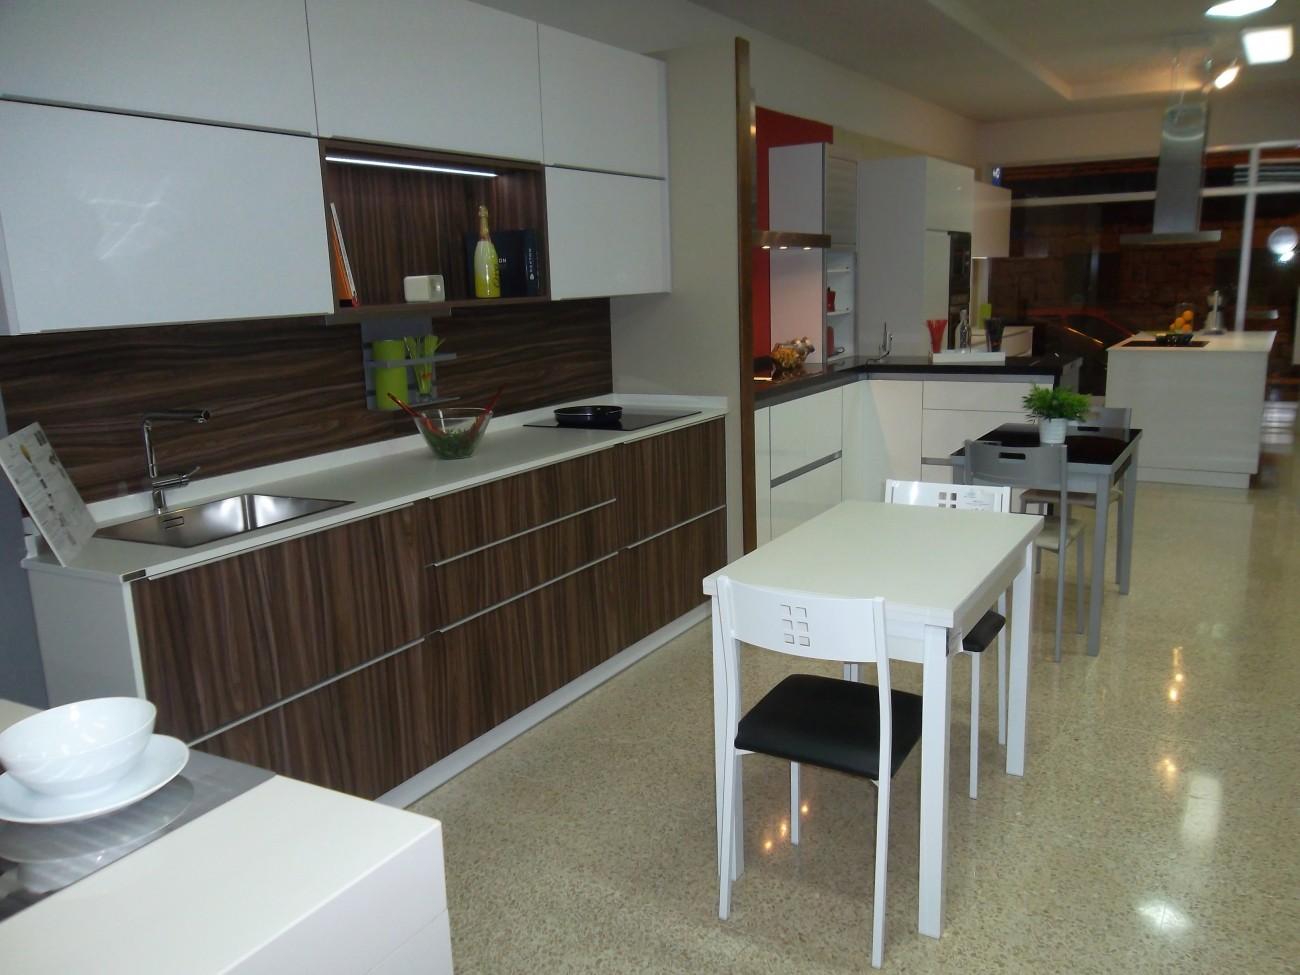 Tienda de muebles de cocinas en collado villalba for Muebles anticrisis collado villalba